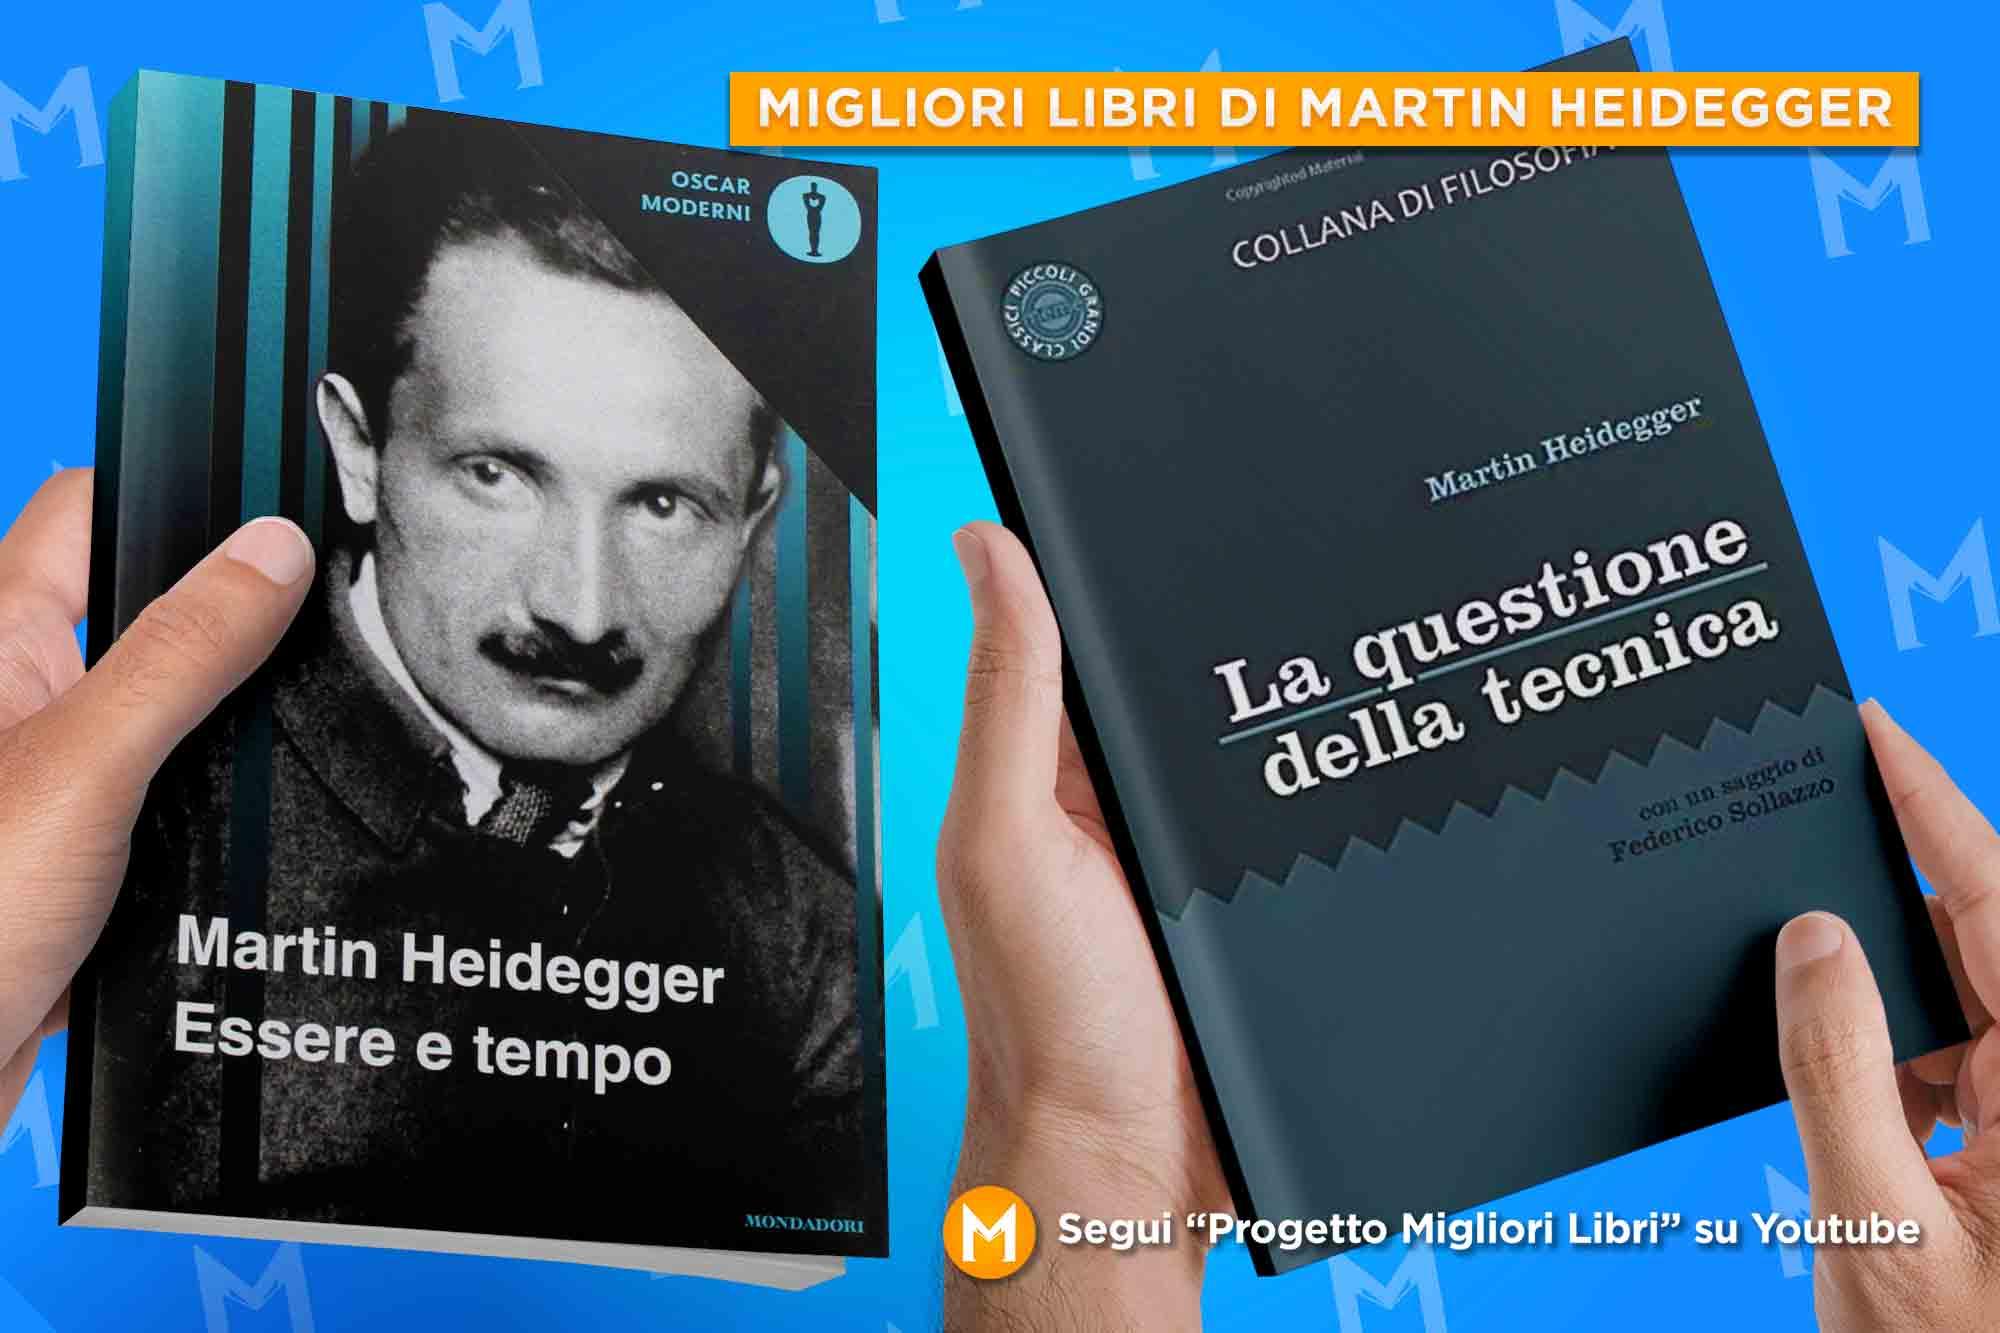 migliori-libri-martin-heidegger